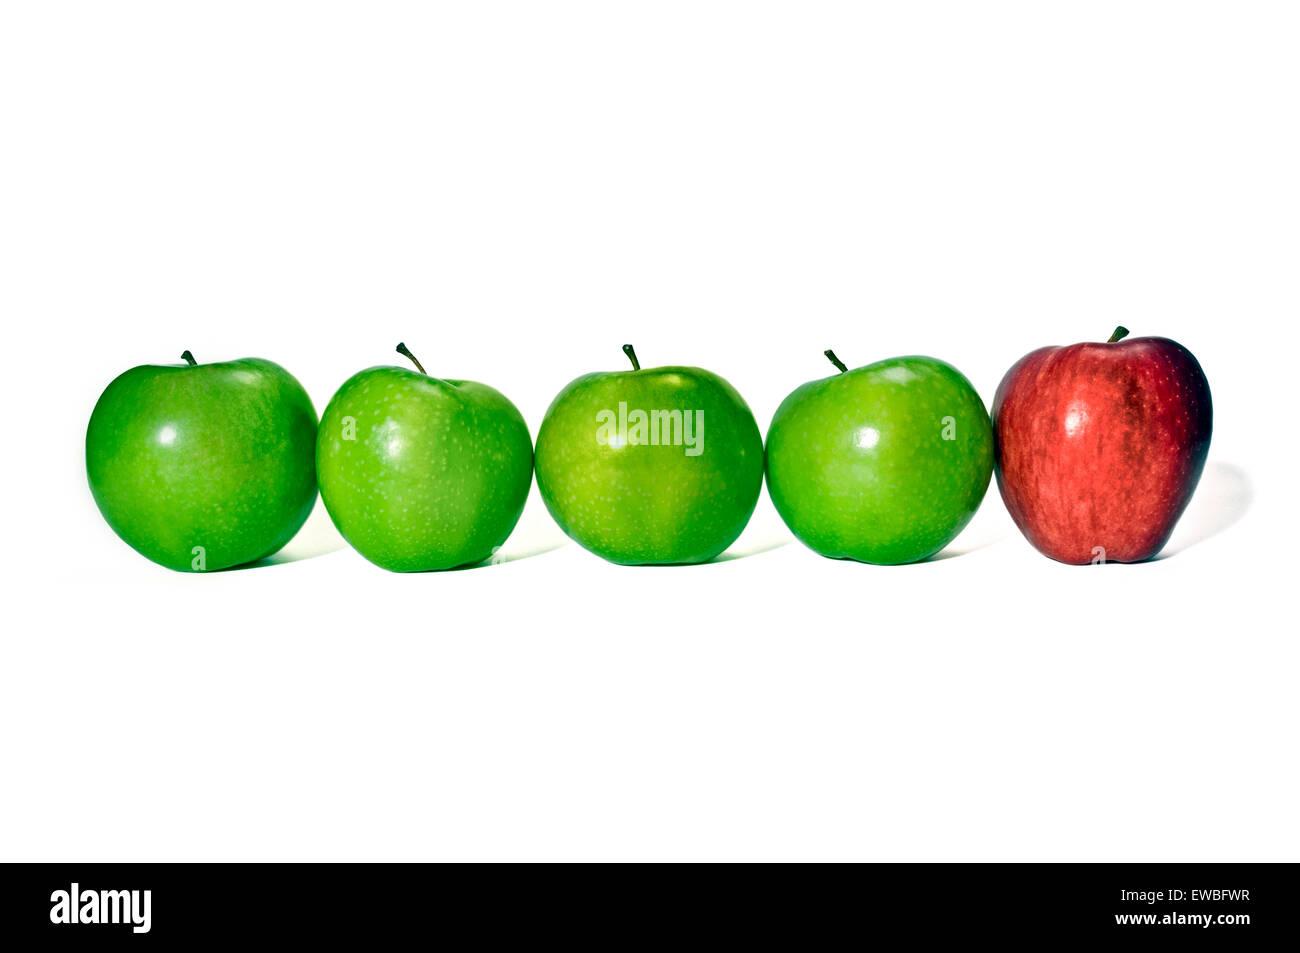 Uno dispari. Fila di mele verdi con mela rossa sulla estremità. Concetto di essere diversi o uno stile di vita Immagini Stock